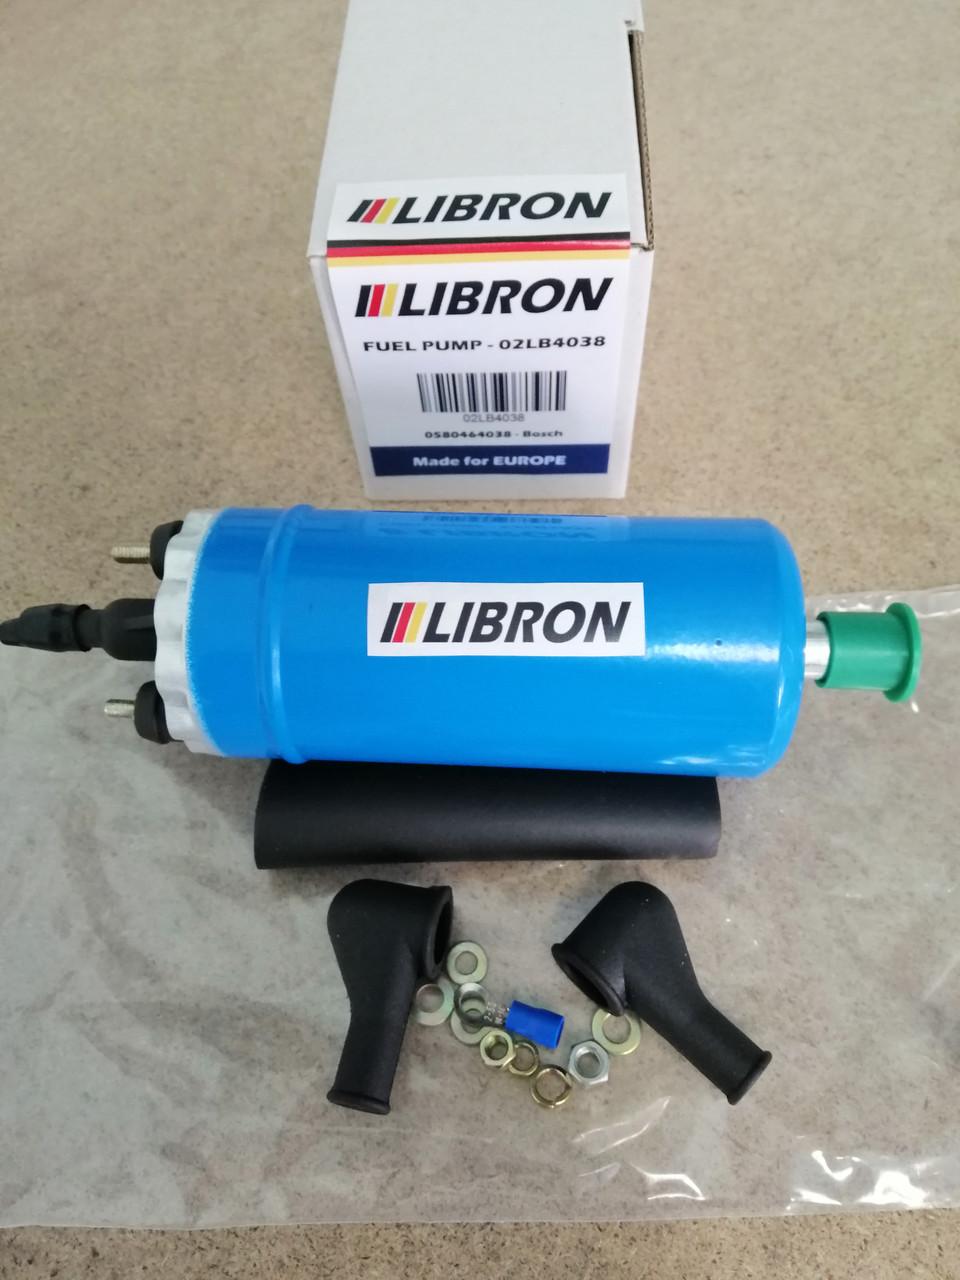 Топливный насос LIBRON 02LB4038 - ALFA ROMEO 33 Sportwagon (907B) 1.7 i.e. 4x4 (907.B1E) (1990-1992)